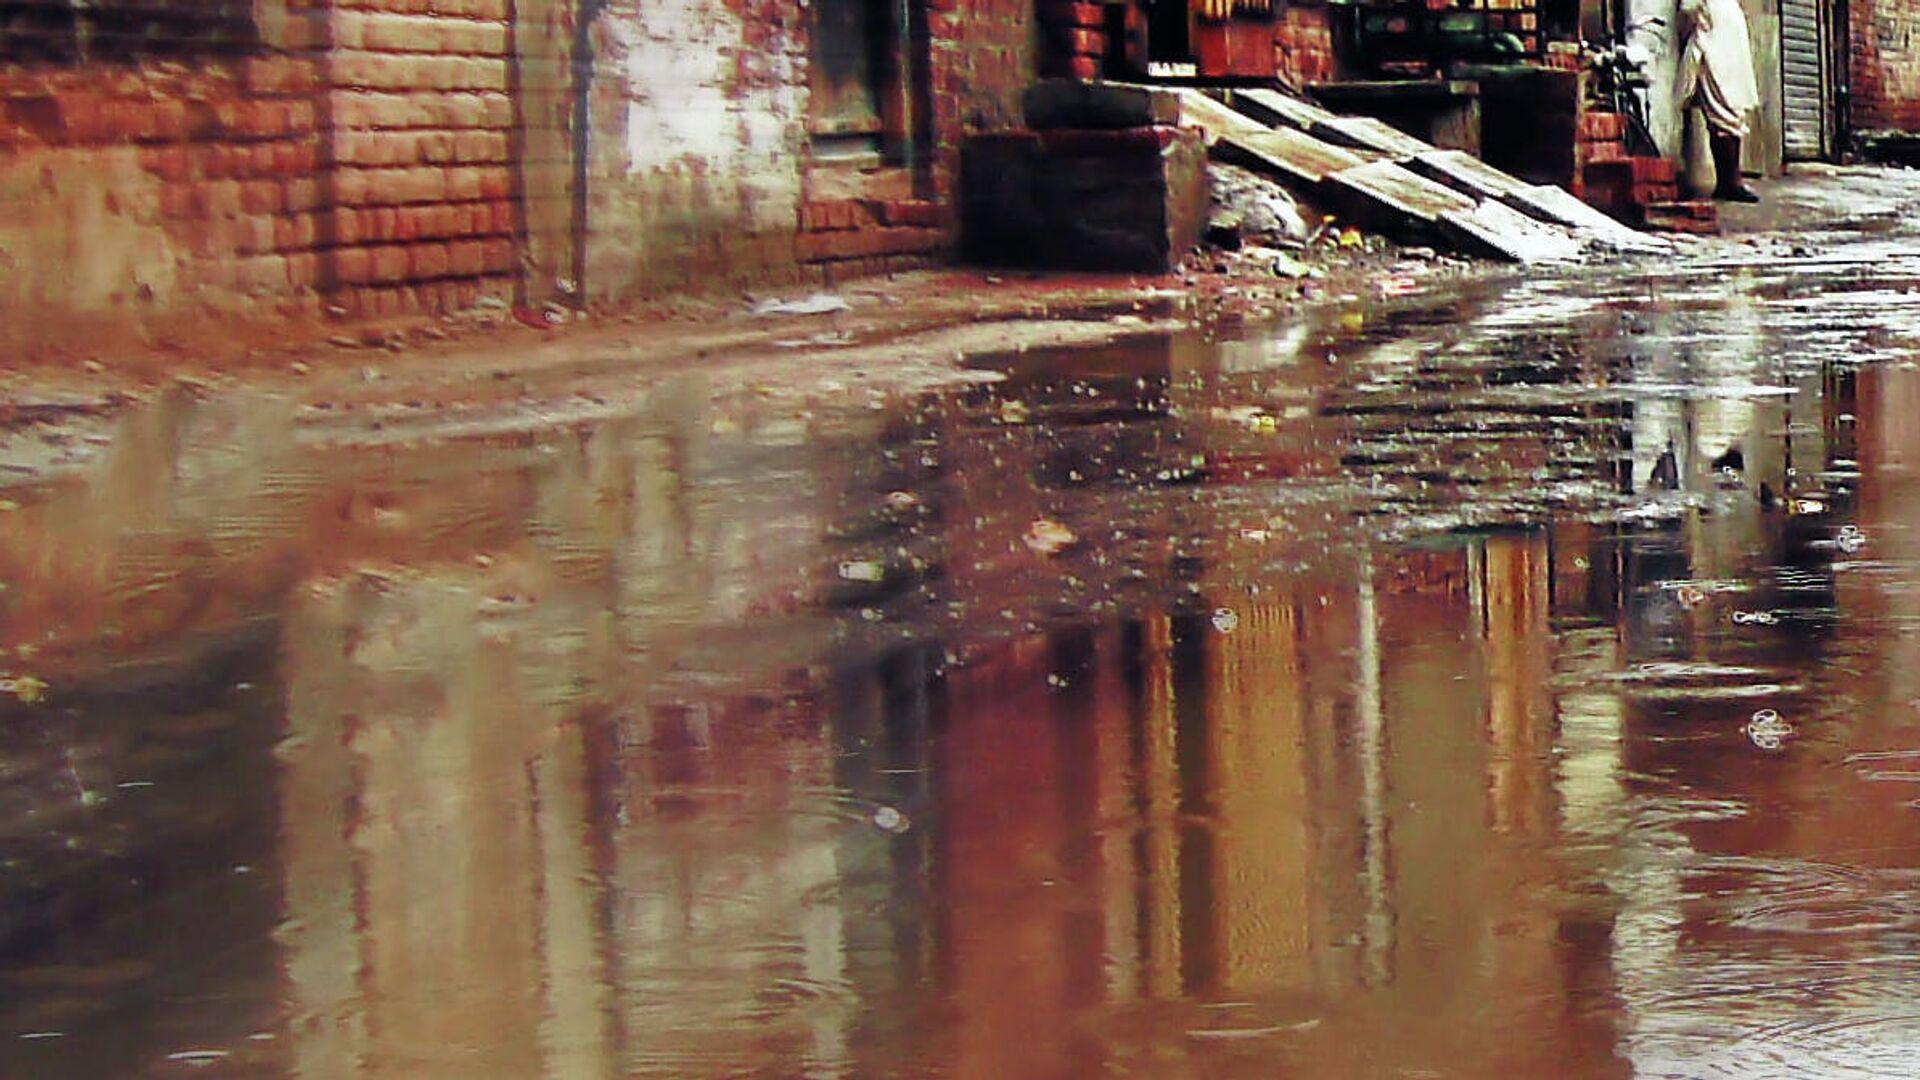 Потоки мутной воды на улице. Иллюстративное фото - Sputnik Узбекистан, 1920, 07.08.2021